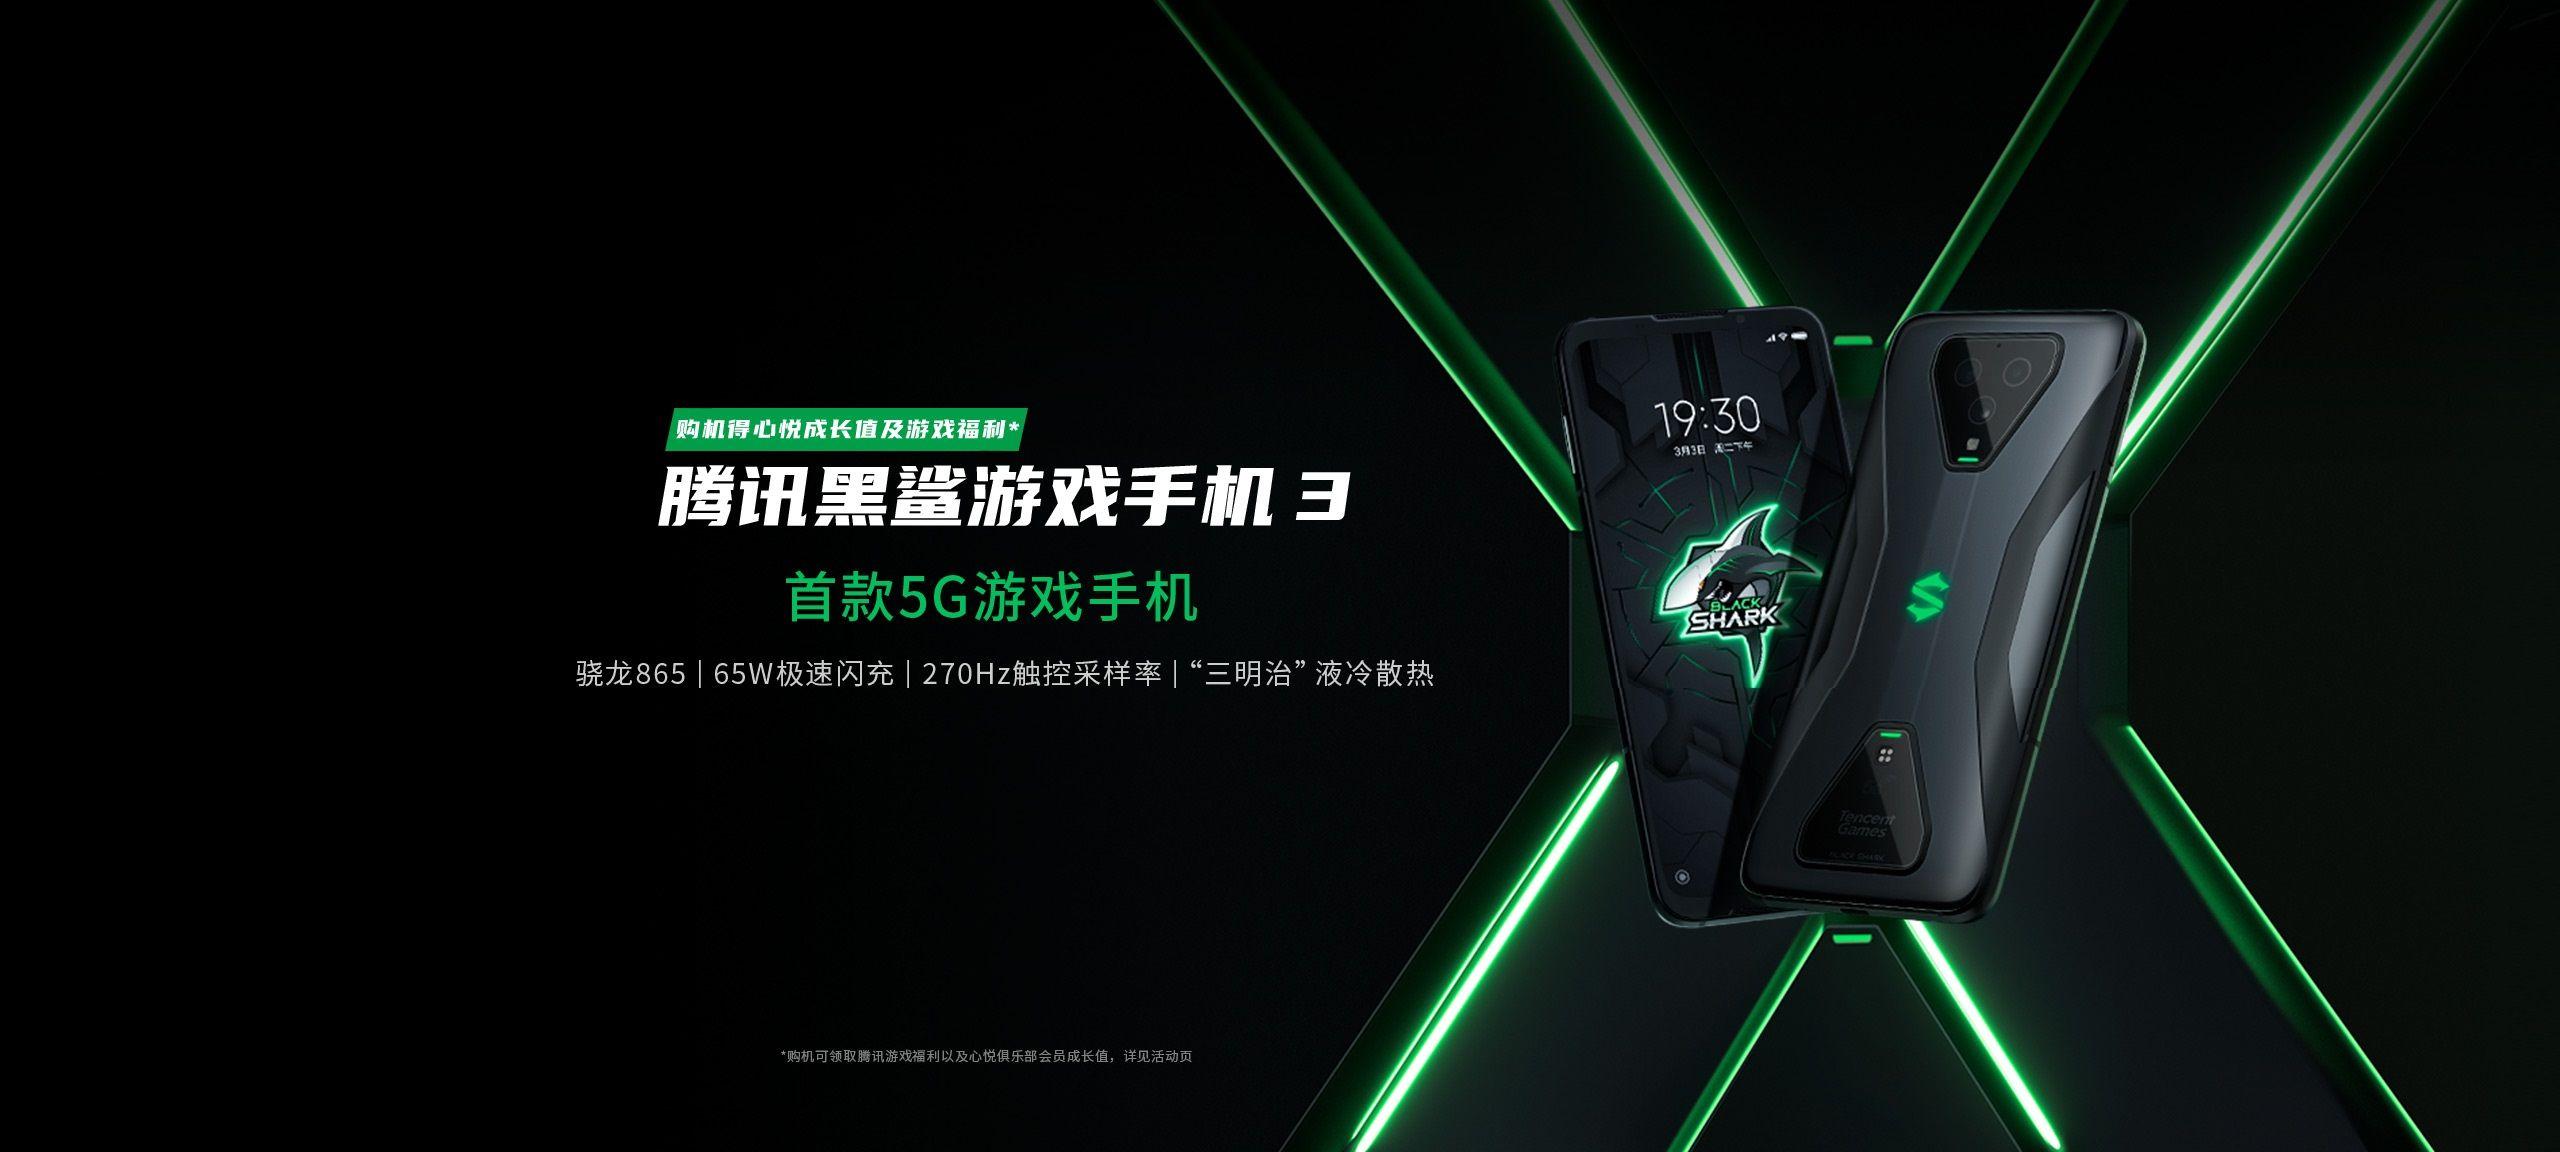 Tencent Black Shark 3/3 ProのディスプレイはそれぞれSamsung製、BOE製